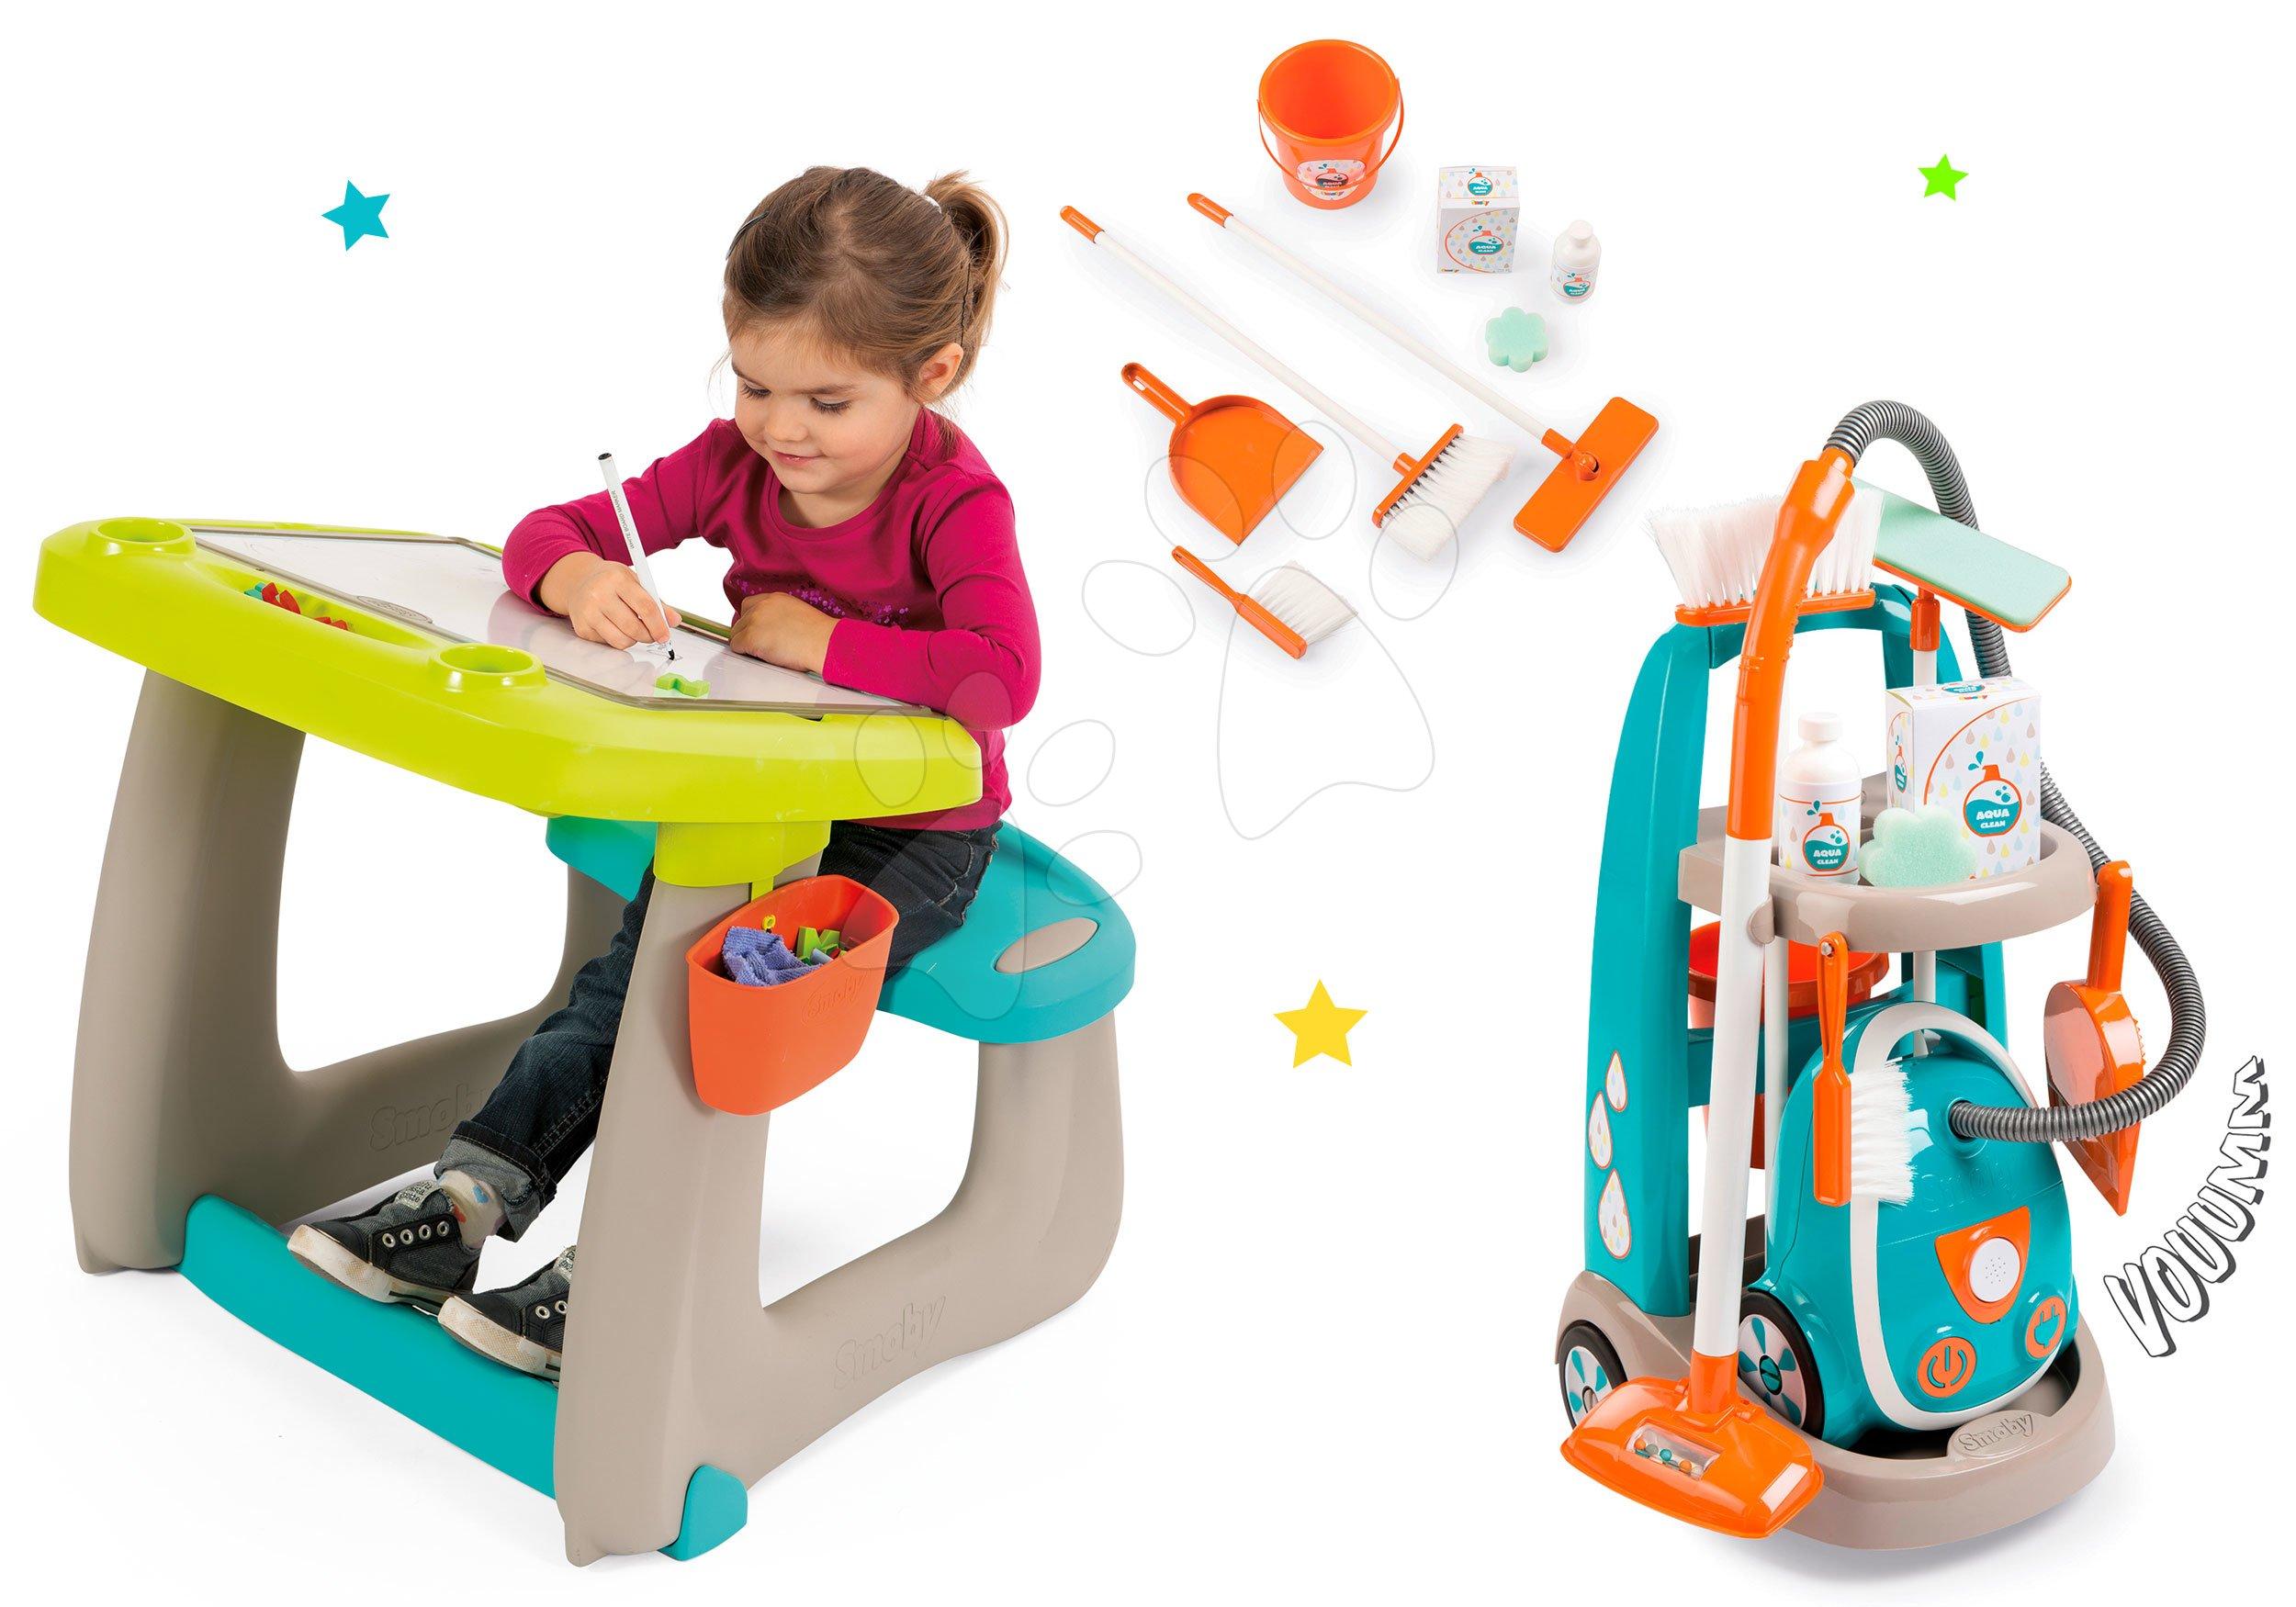 Hry na domácnosť - Set upratovací vozík s elektronickým vysávačom Clean Smoby a lavica s tabuľou Little Pupils